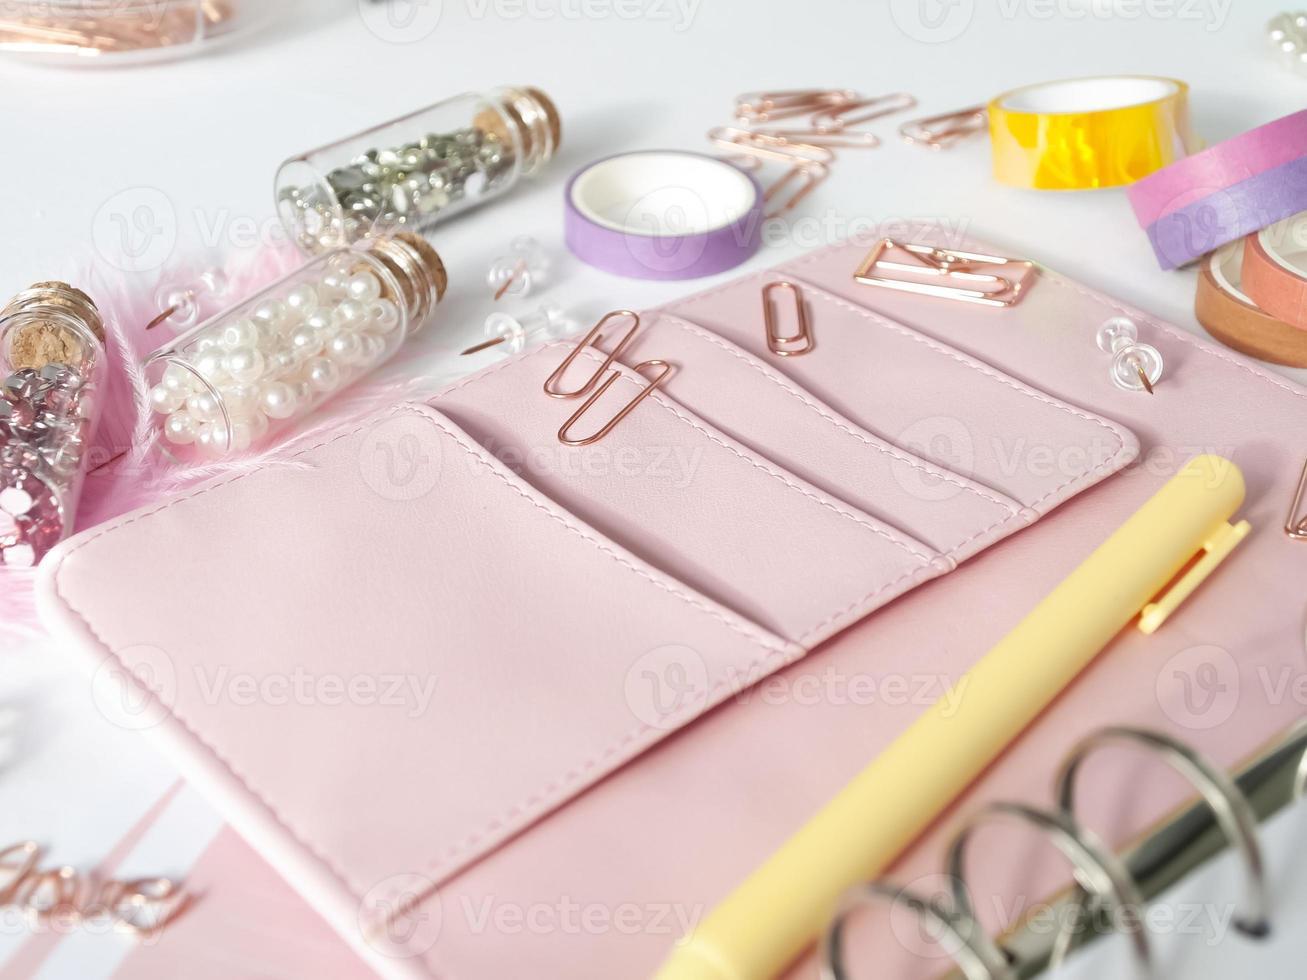 cancelleria per pianificatore in oro rosa. planner con bellissimi accessori penne, bottoni, spille e nastro colorato. penna gialla e pianificatore rosa su sfondo bianco. cristalli in bottiglie di vetro accanto al pianificatore foto